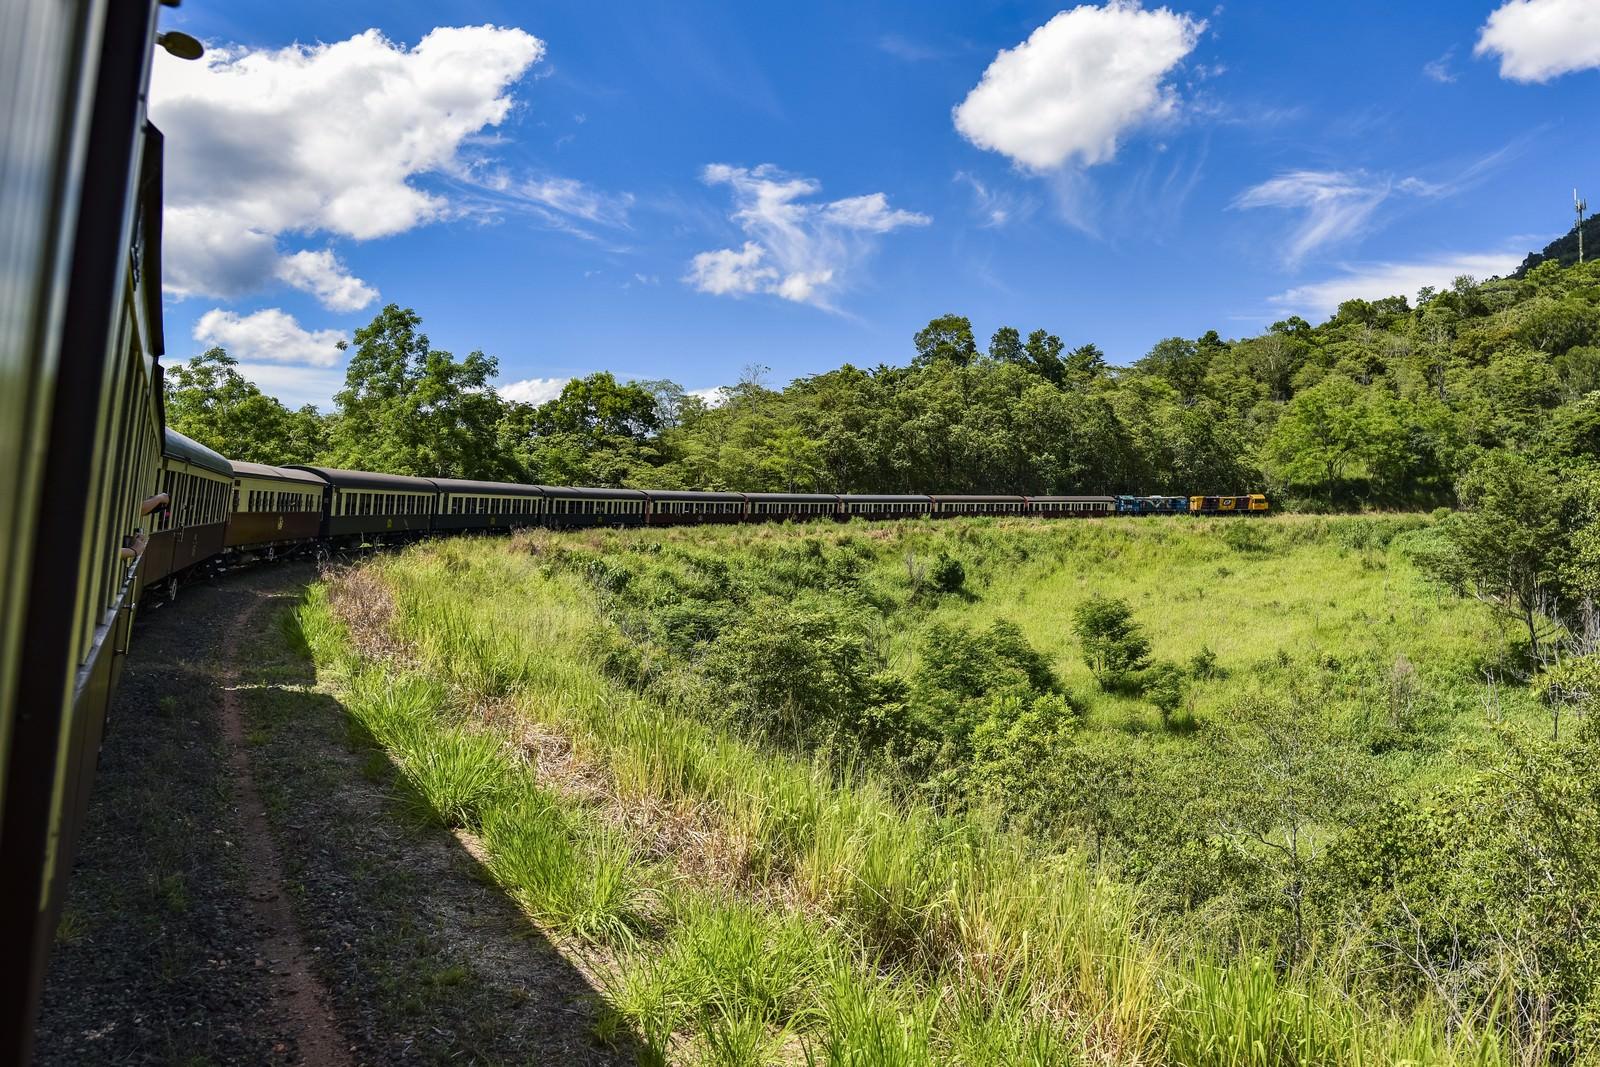 「キュランダ鉄道のカーブ」の写真